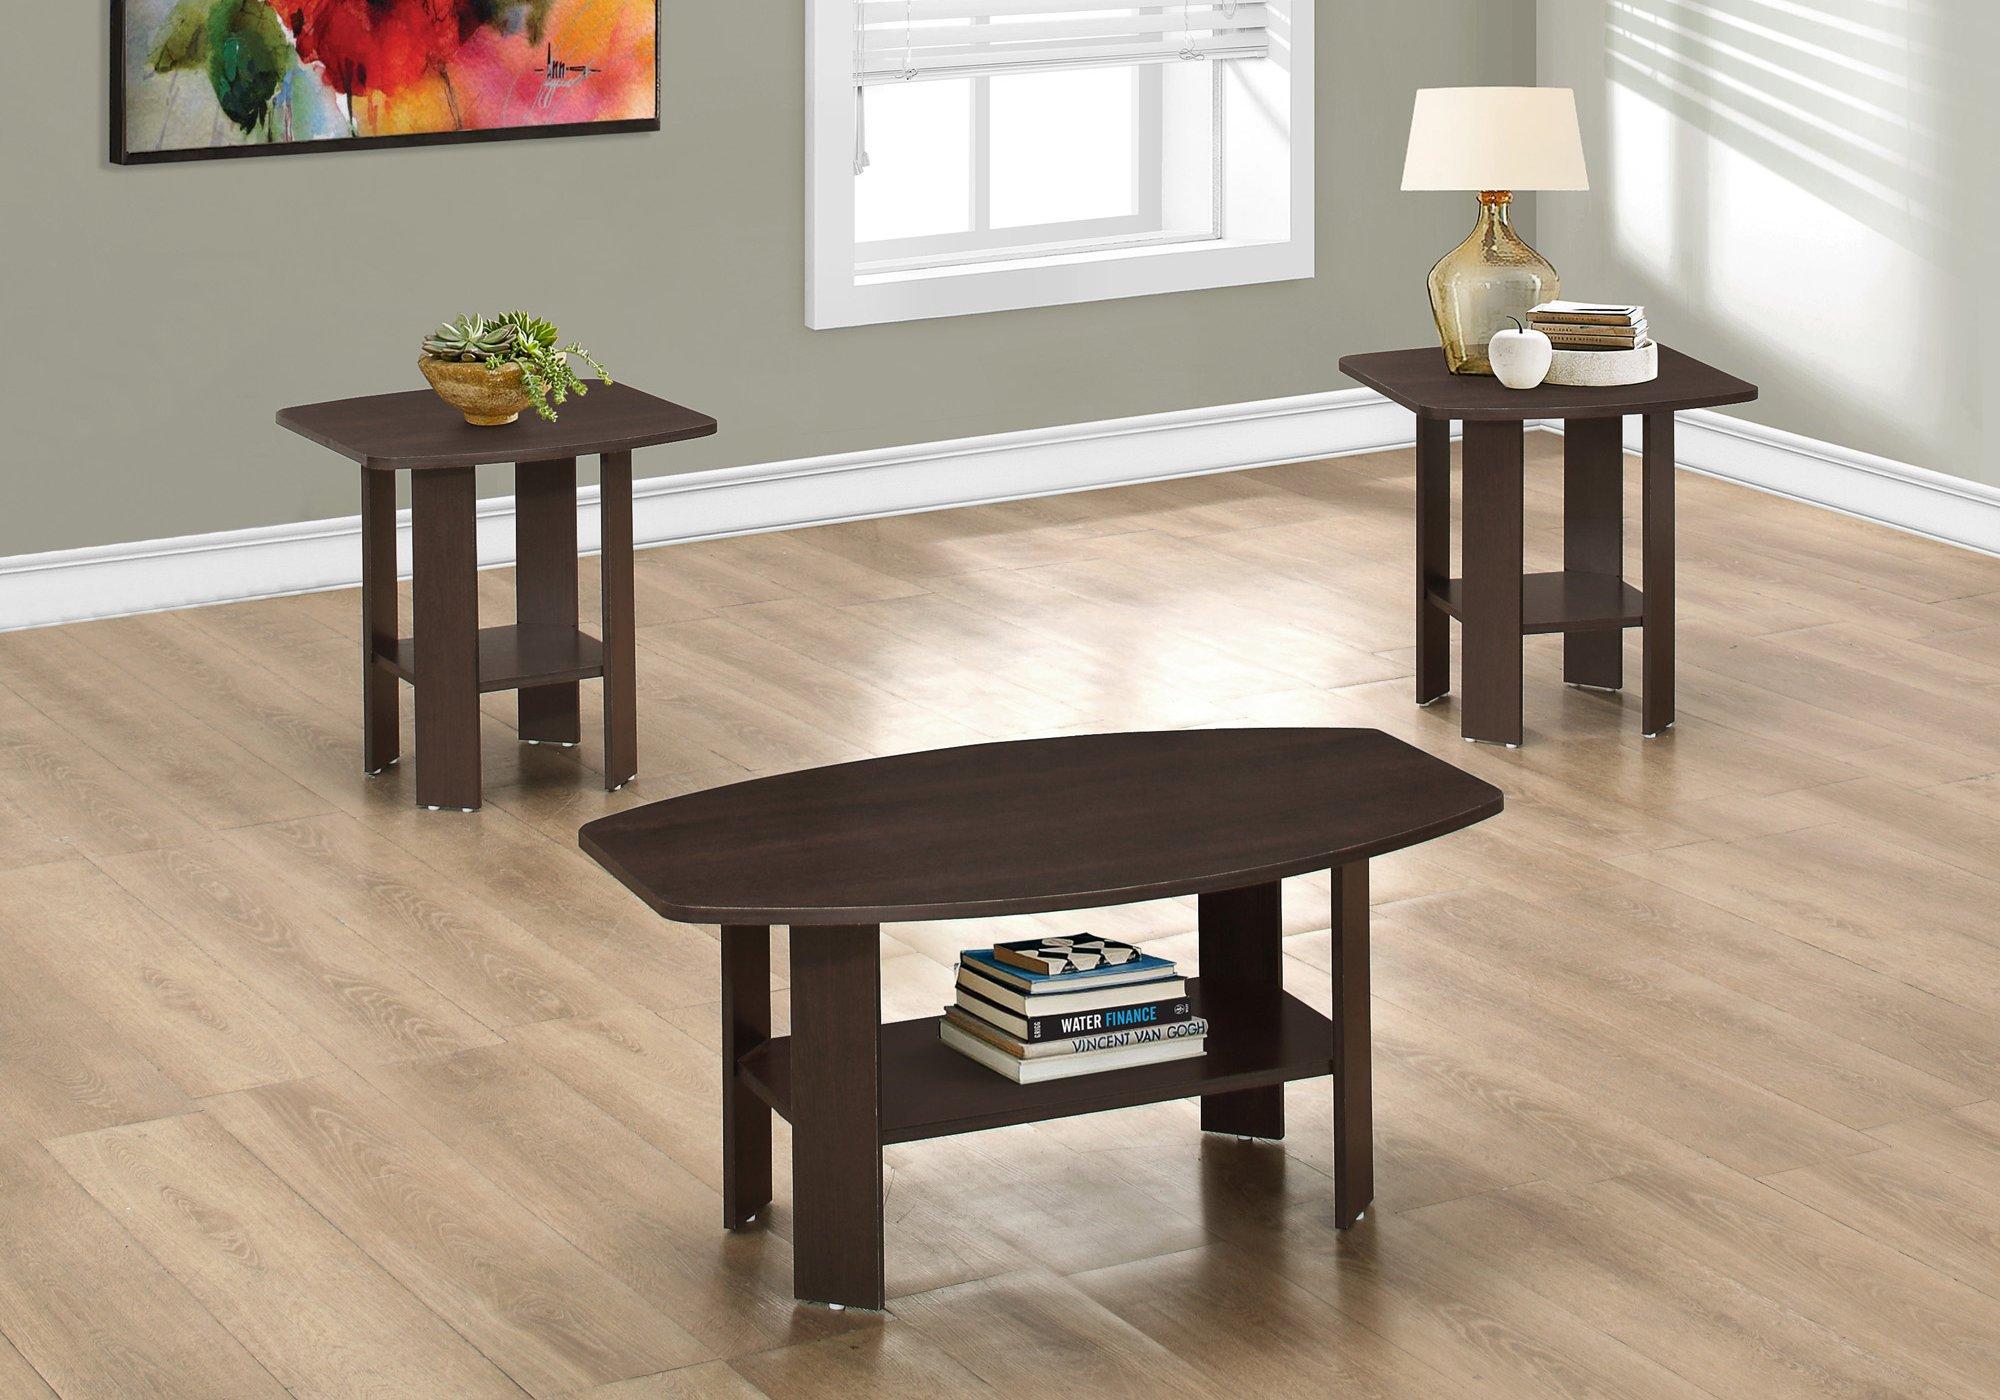 Monarch 3 Piece Table Set, Cappuccino by Monarch Specialties